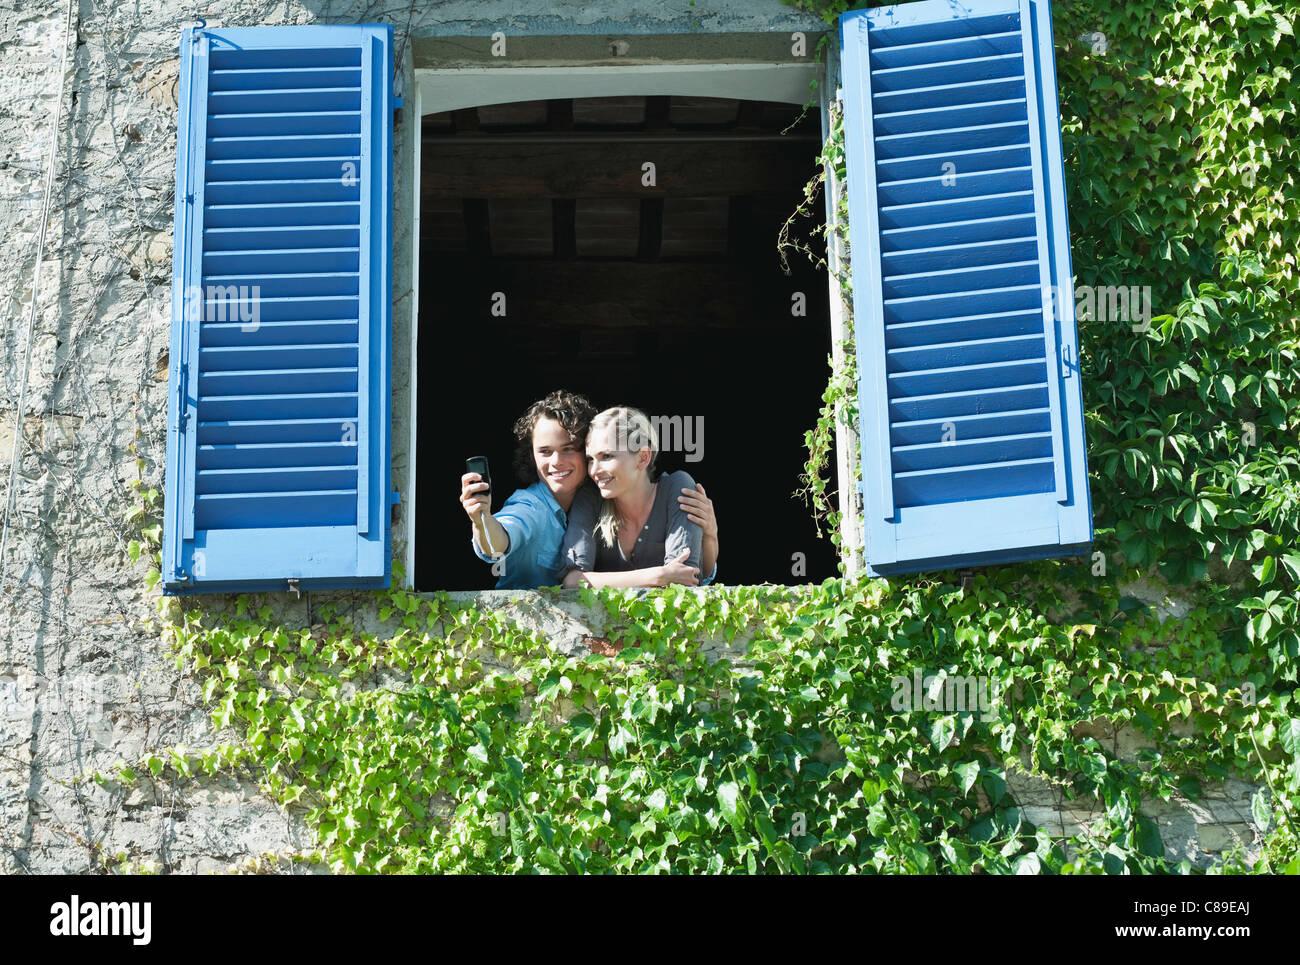 L'Italia, Toscana, coppia giovane fotografare in hotel windows con otturatore Immagini Stock